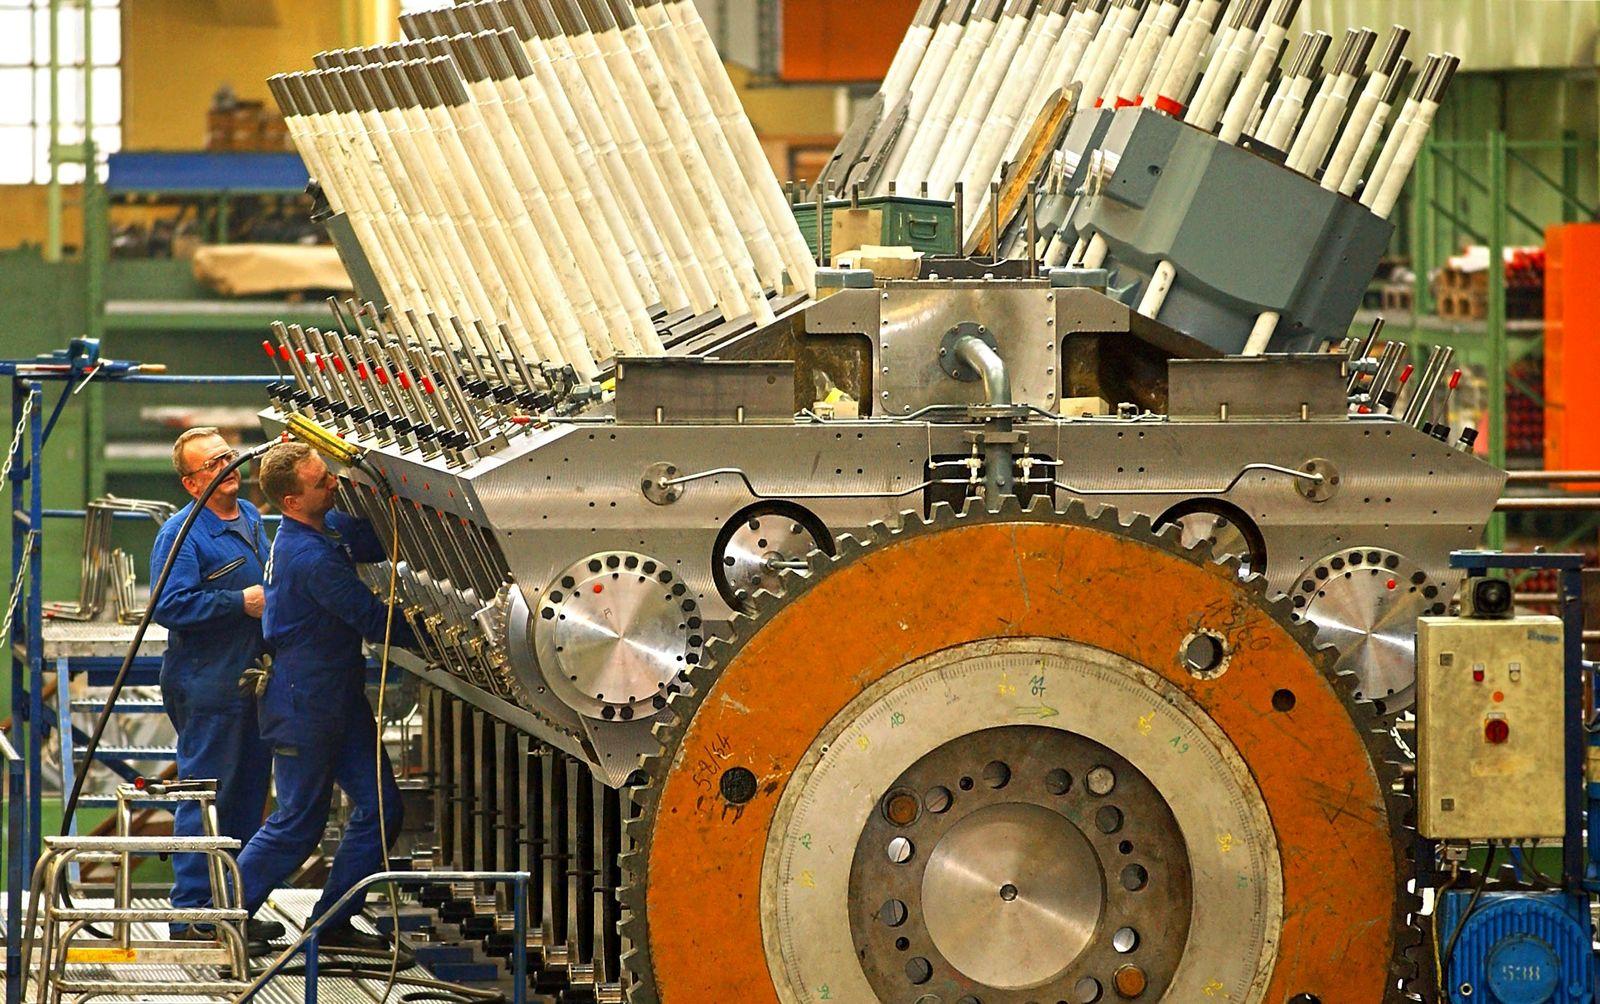 NICHT VERWENDEN maschinenbauer in Augsburg